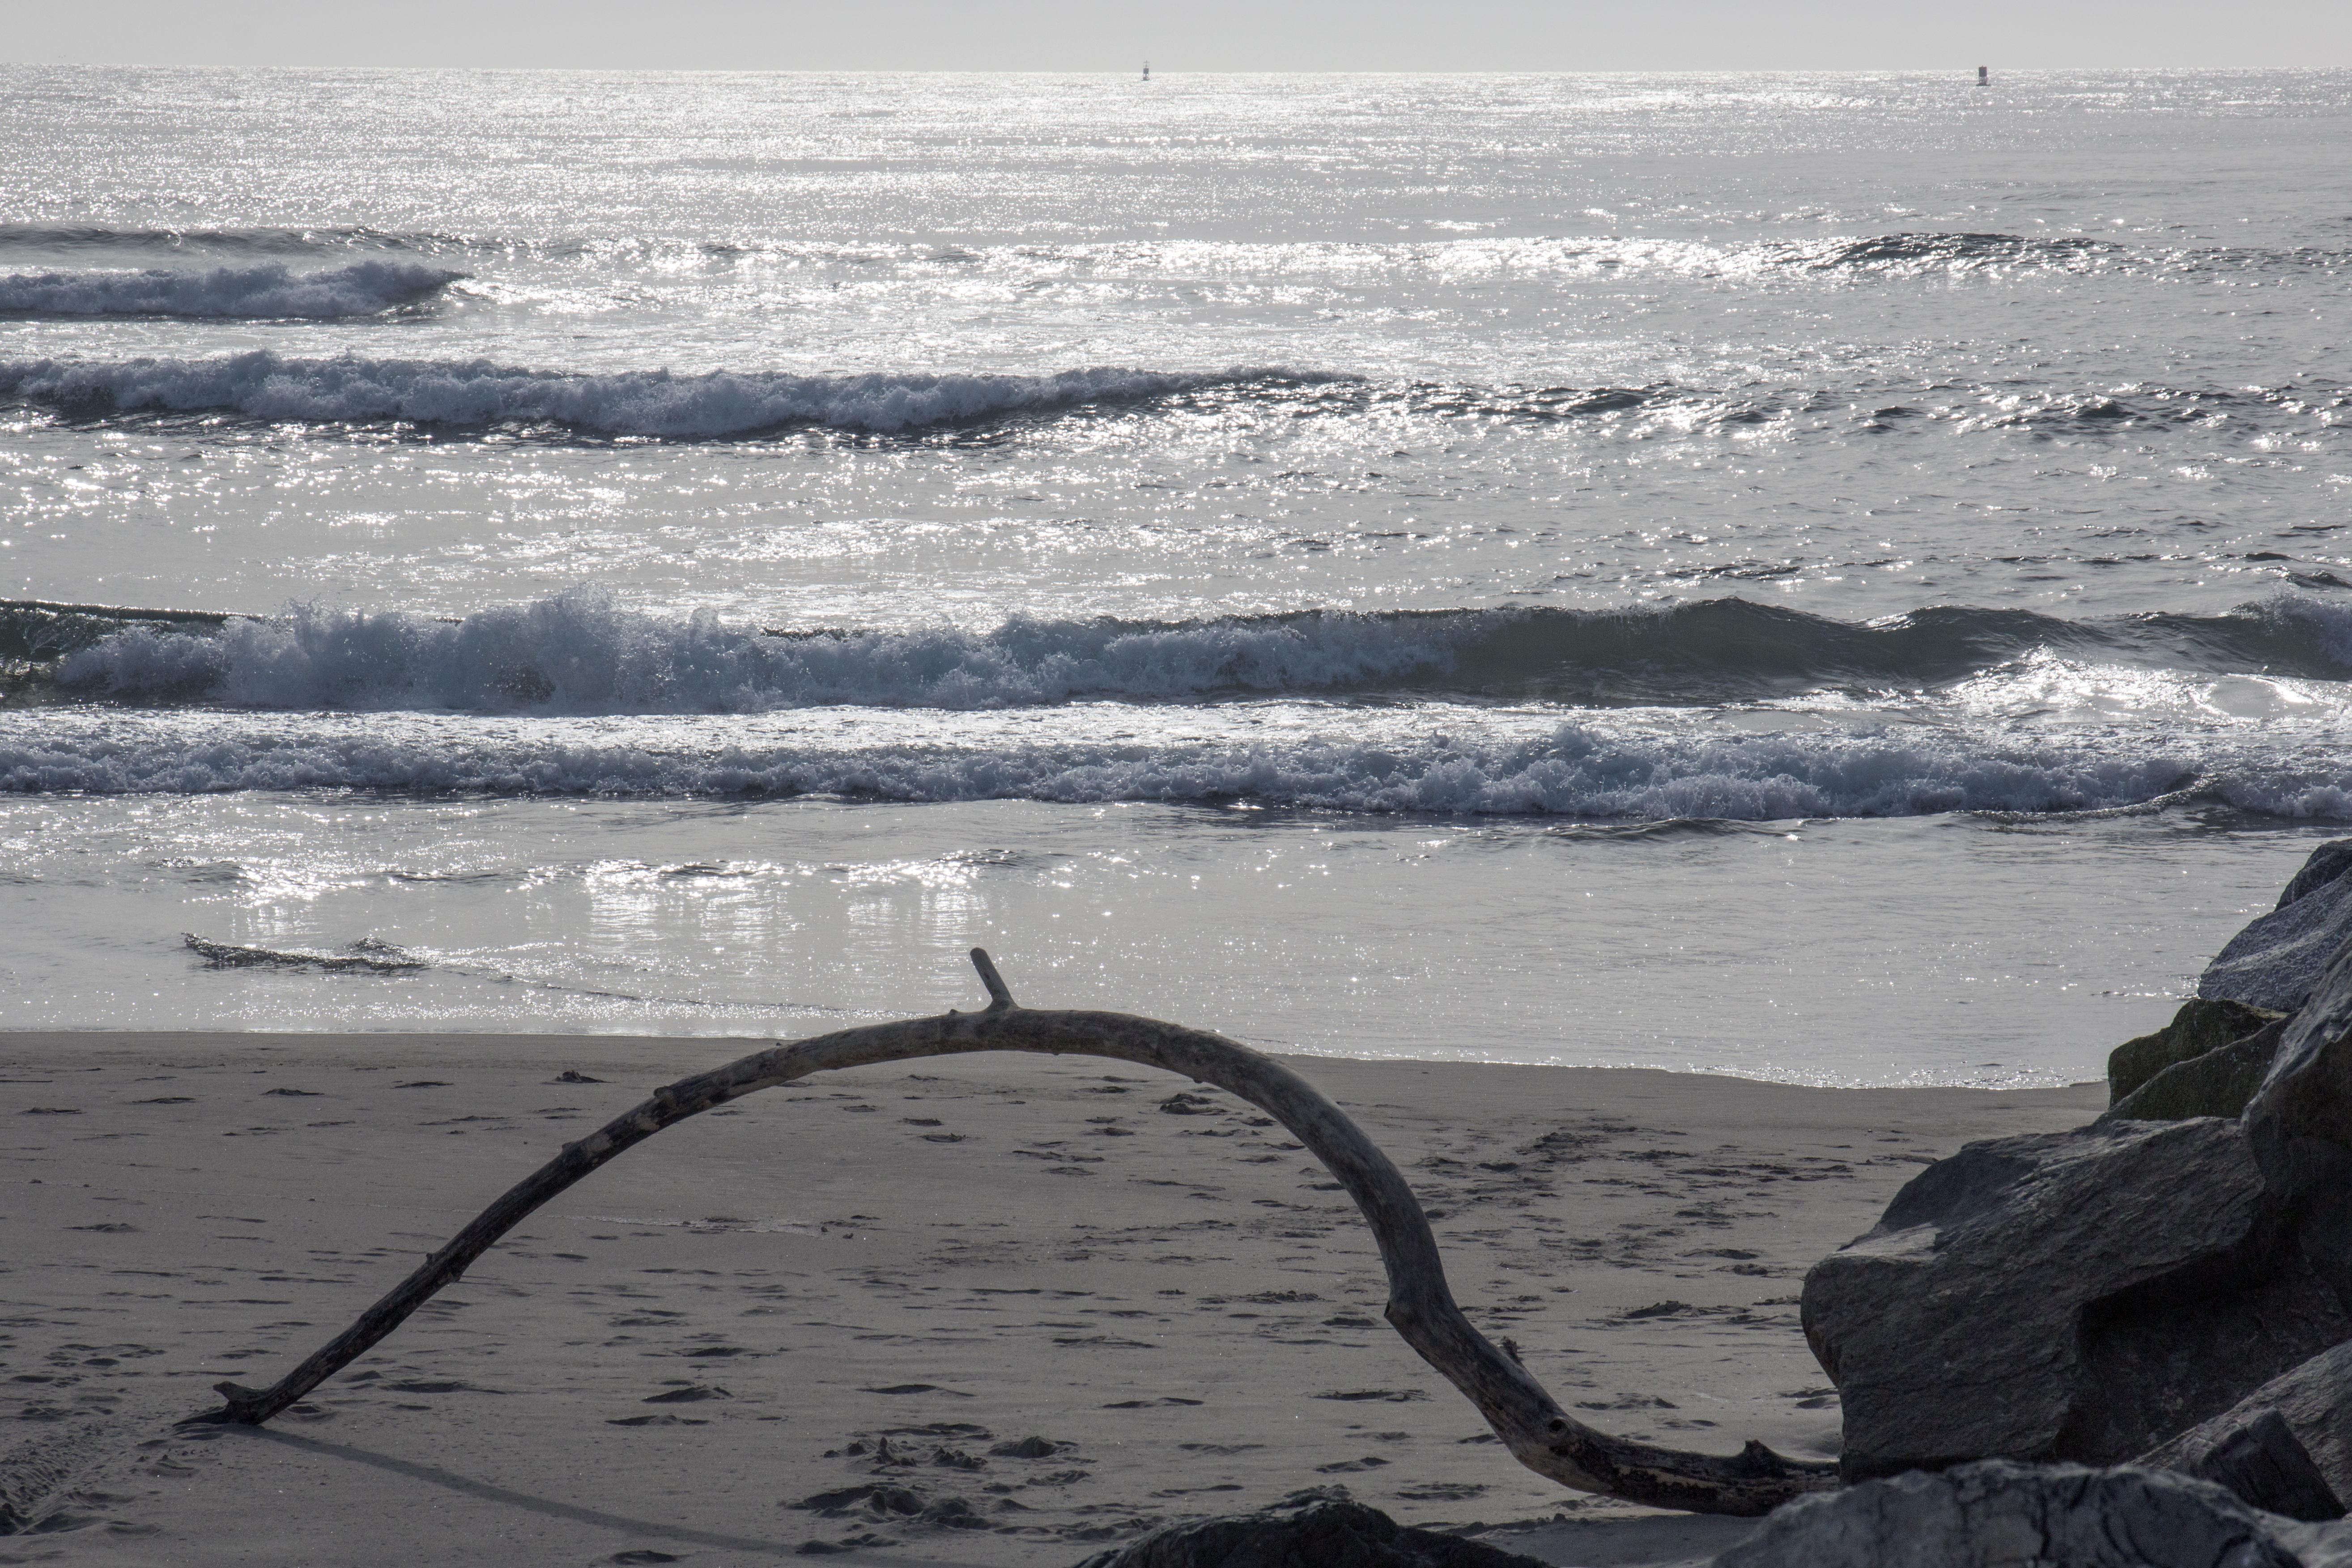 Sunset on oregon beach photo